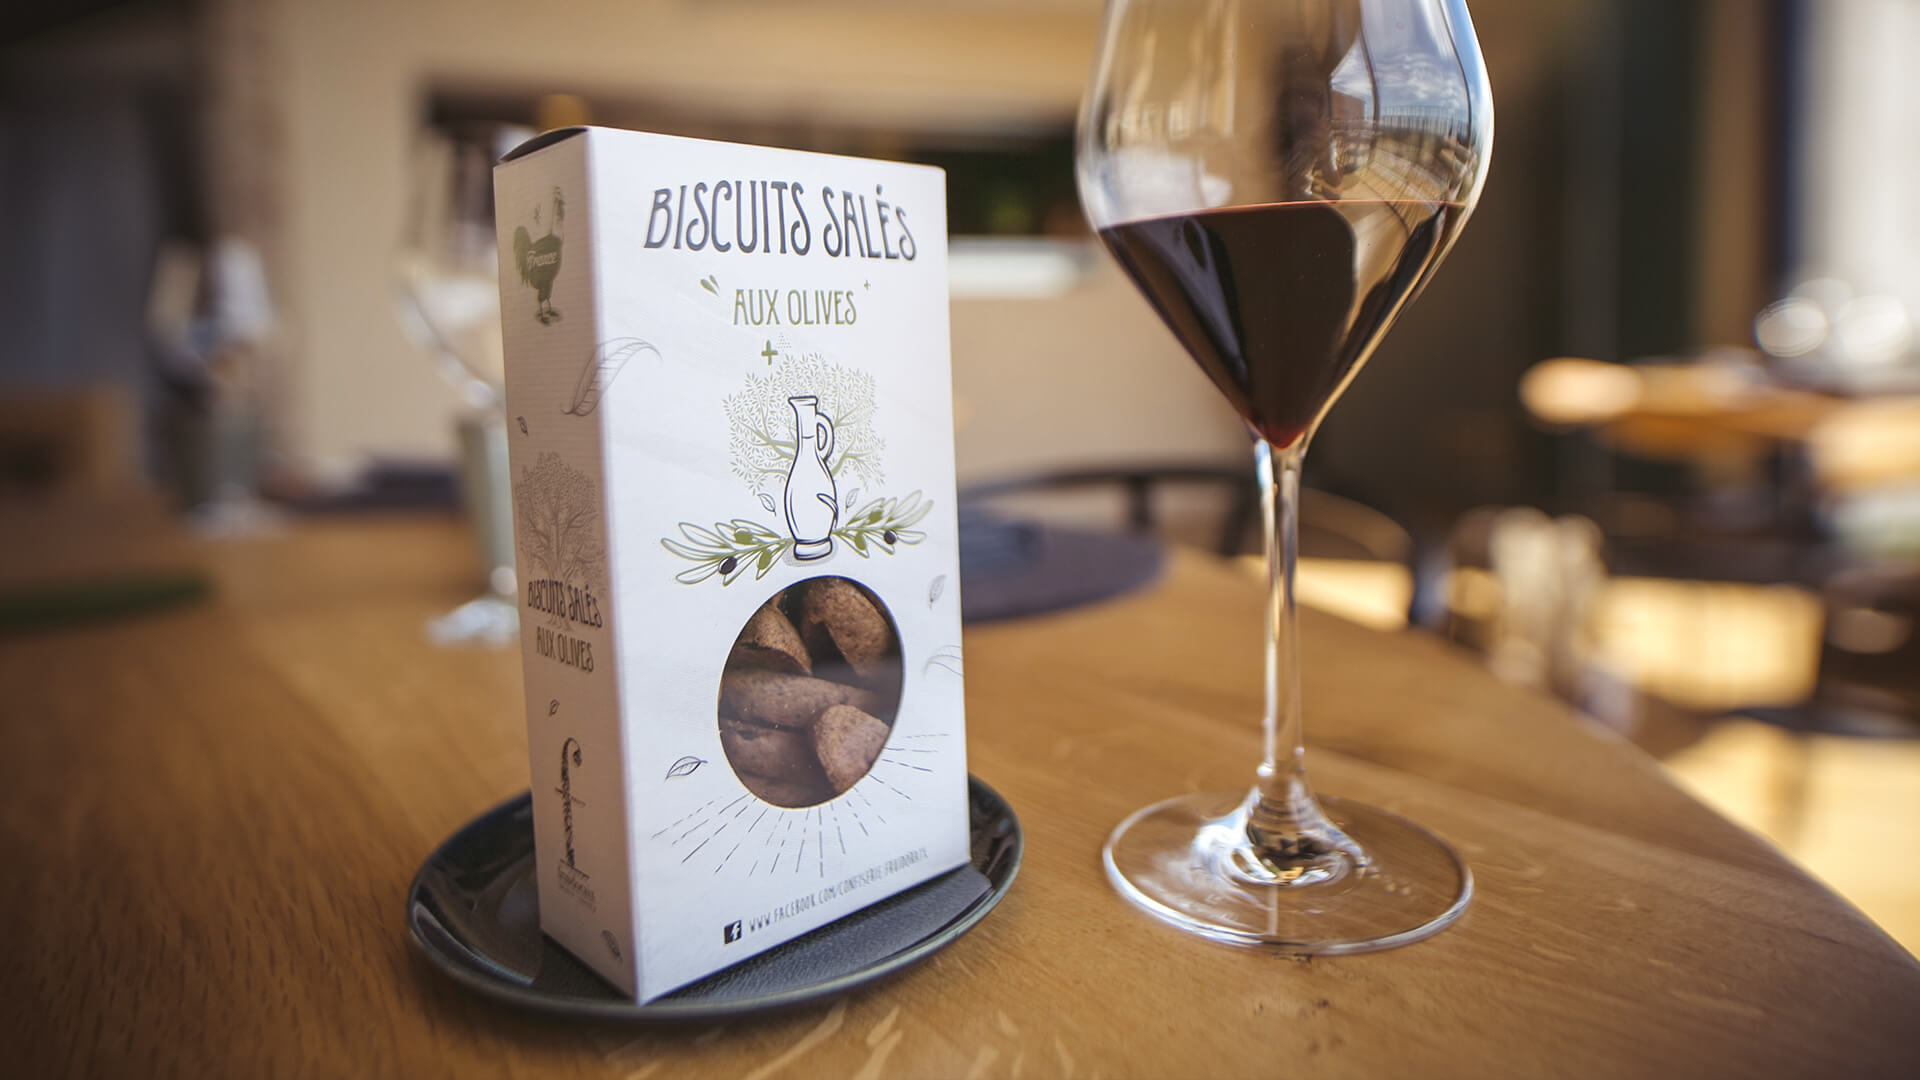 Fruidoraix biscuits salés olive Aix-en-Provence